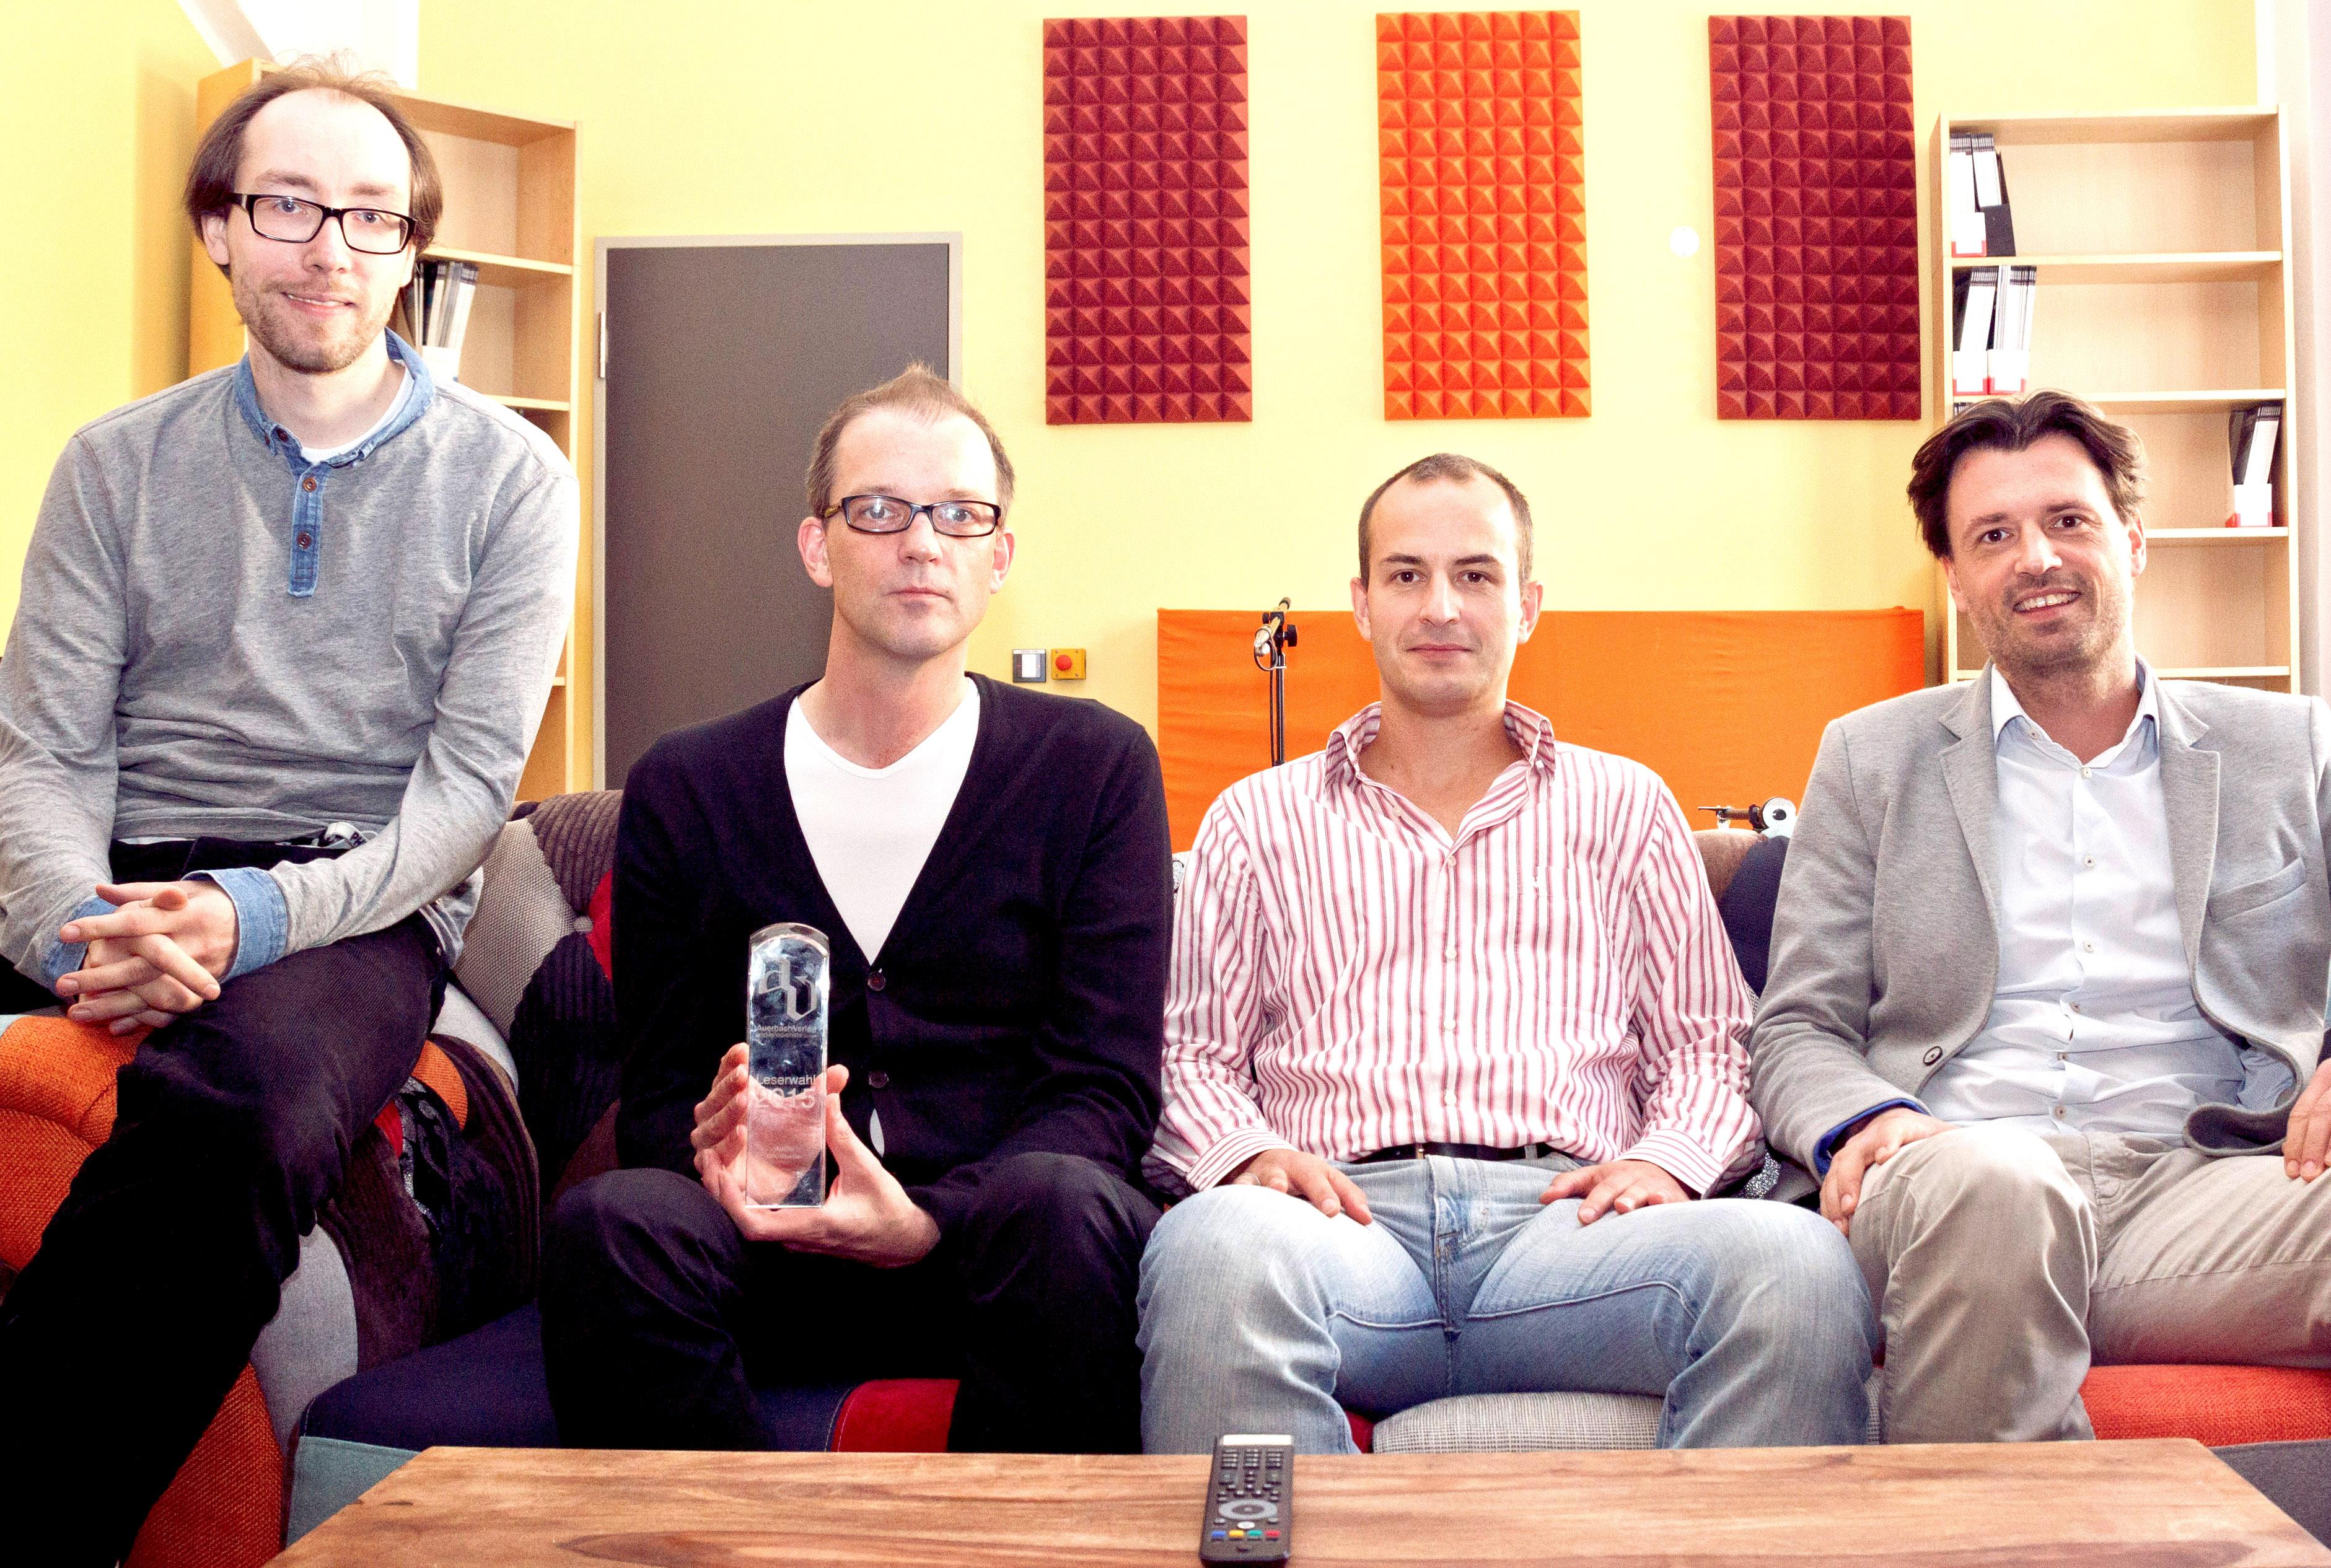 Sven Pieper von NAD/Dynaudio (2.v.l.) zeigte HDTV-Chefredakteur Christian Trozinski (l.), AUDIO-TEST-Chefredakteur Stefan Goedecke (2.v.r.) und dem neuen AUDIO-TEST-Experten Erik Schober die neuen Lautsprecher Dynaudio Excite X14a und den Vorverstärker C 510 von NAD